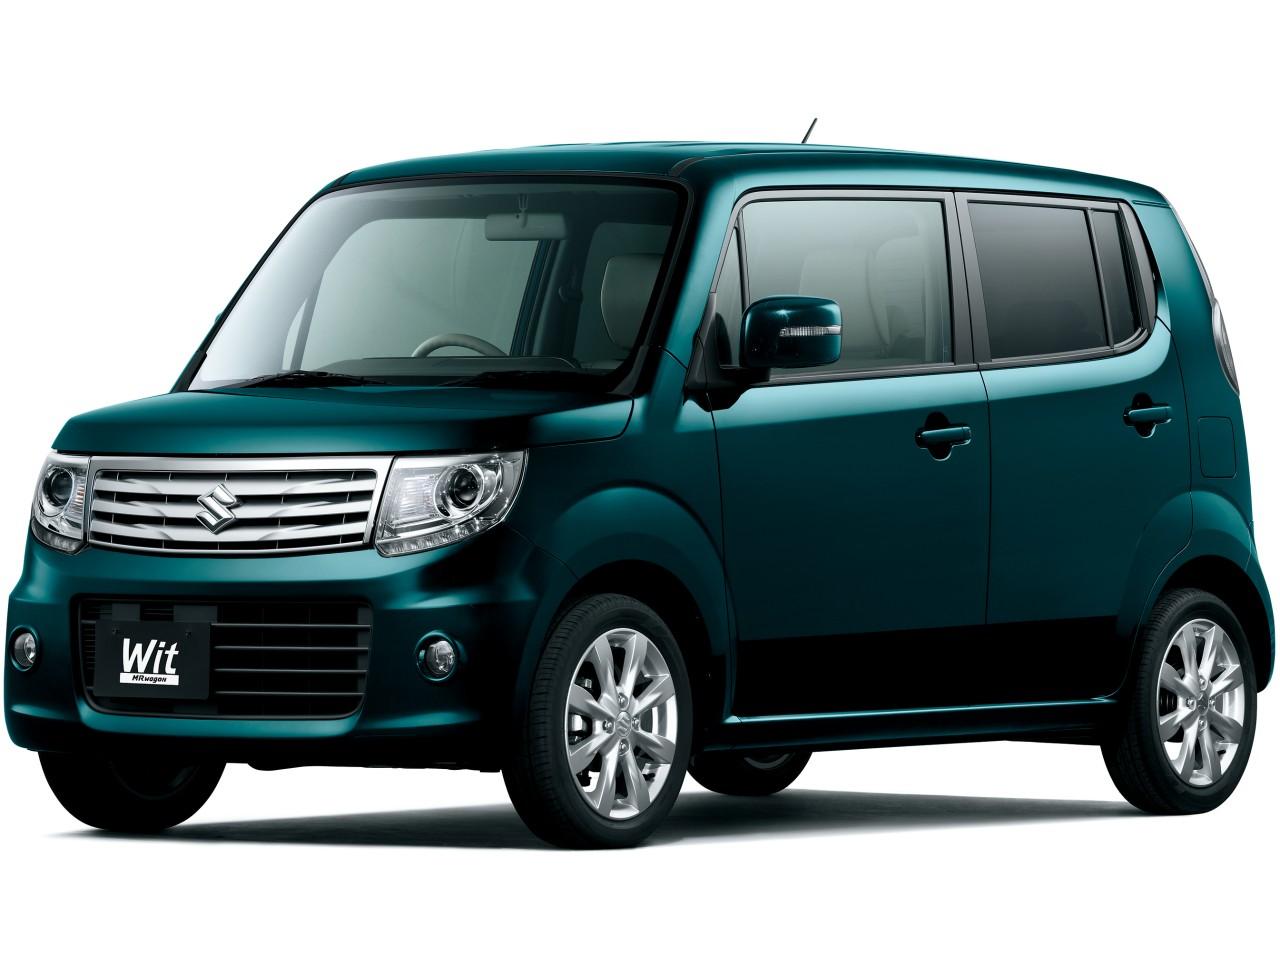 スズキ MRワゴン Wit 2013年モデル 新車画像